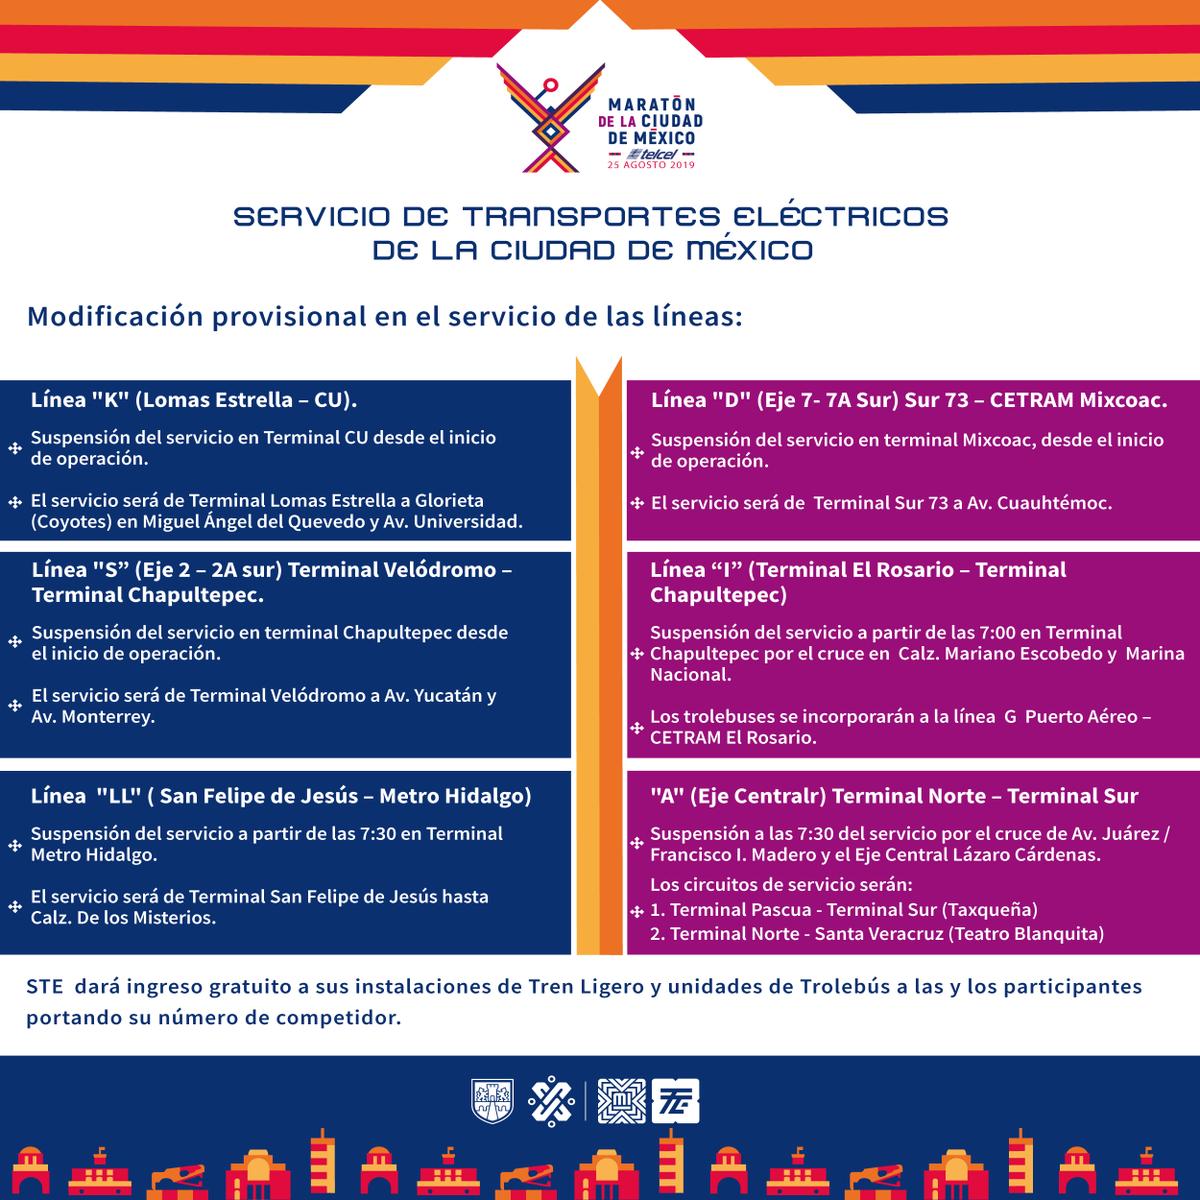 #MovilidadCDMX Modificaciones en el servicio de trolebús con motivo del #MaratónCDMX2019